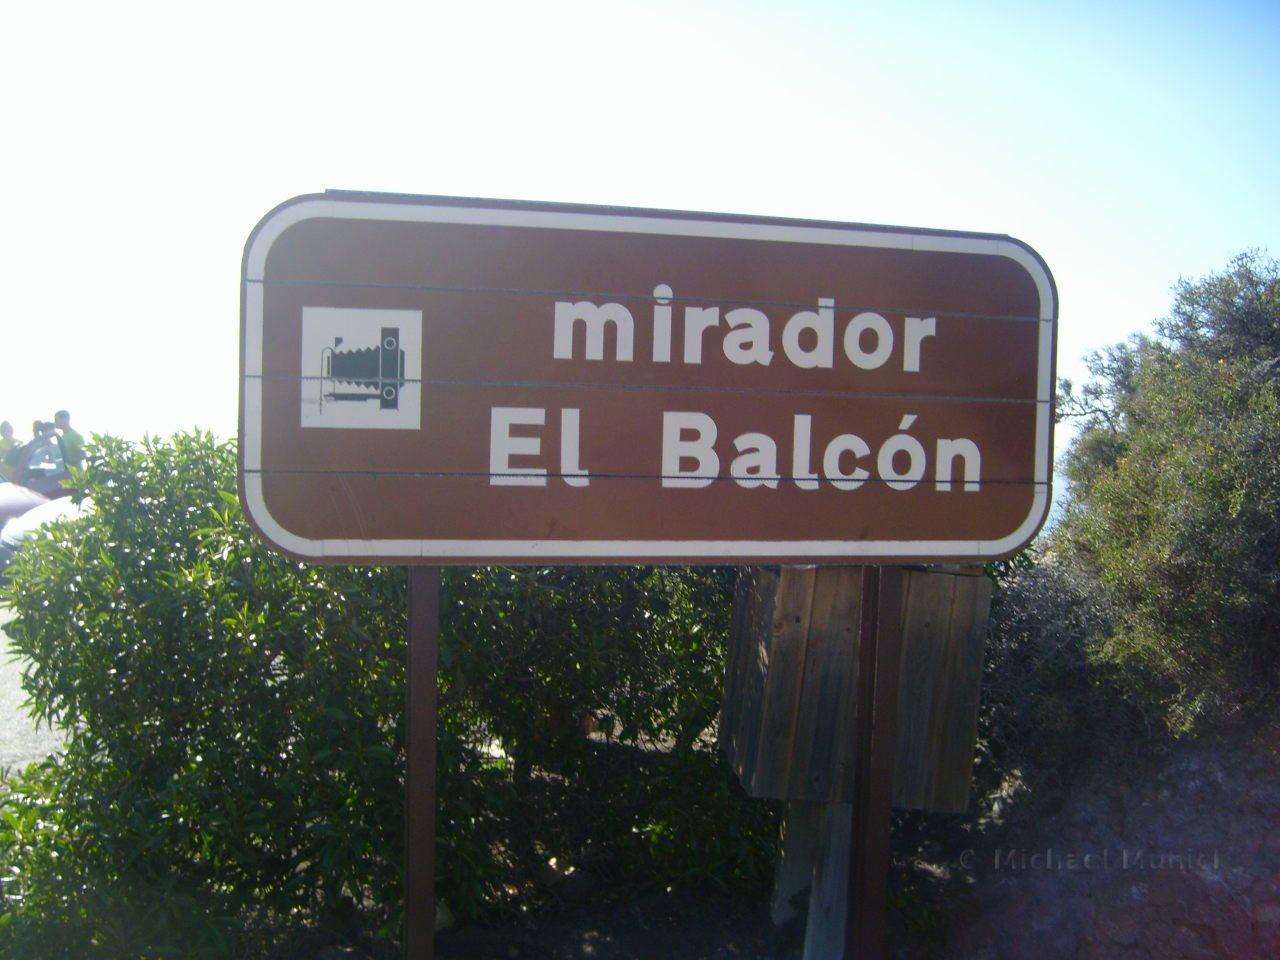 Mirador El Balcon